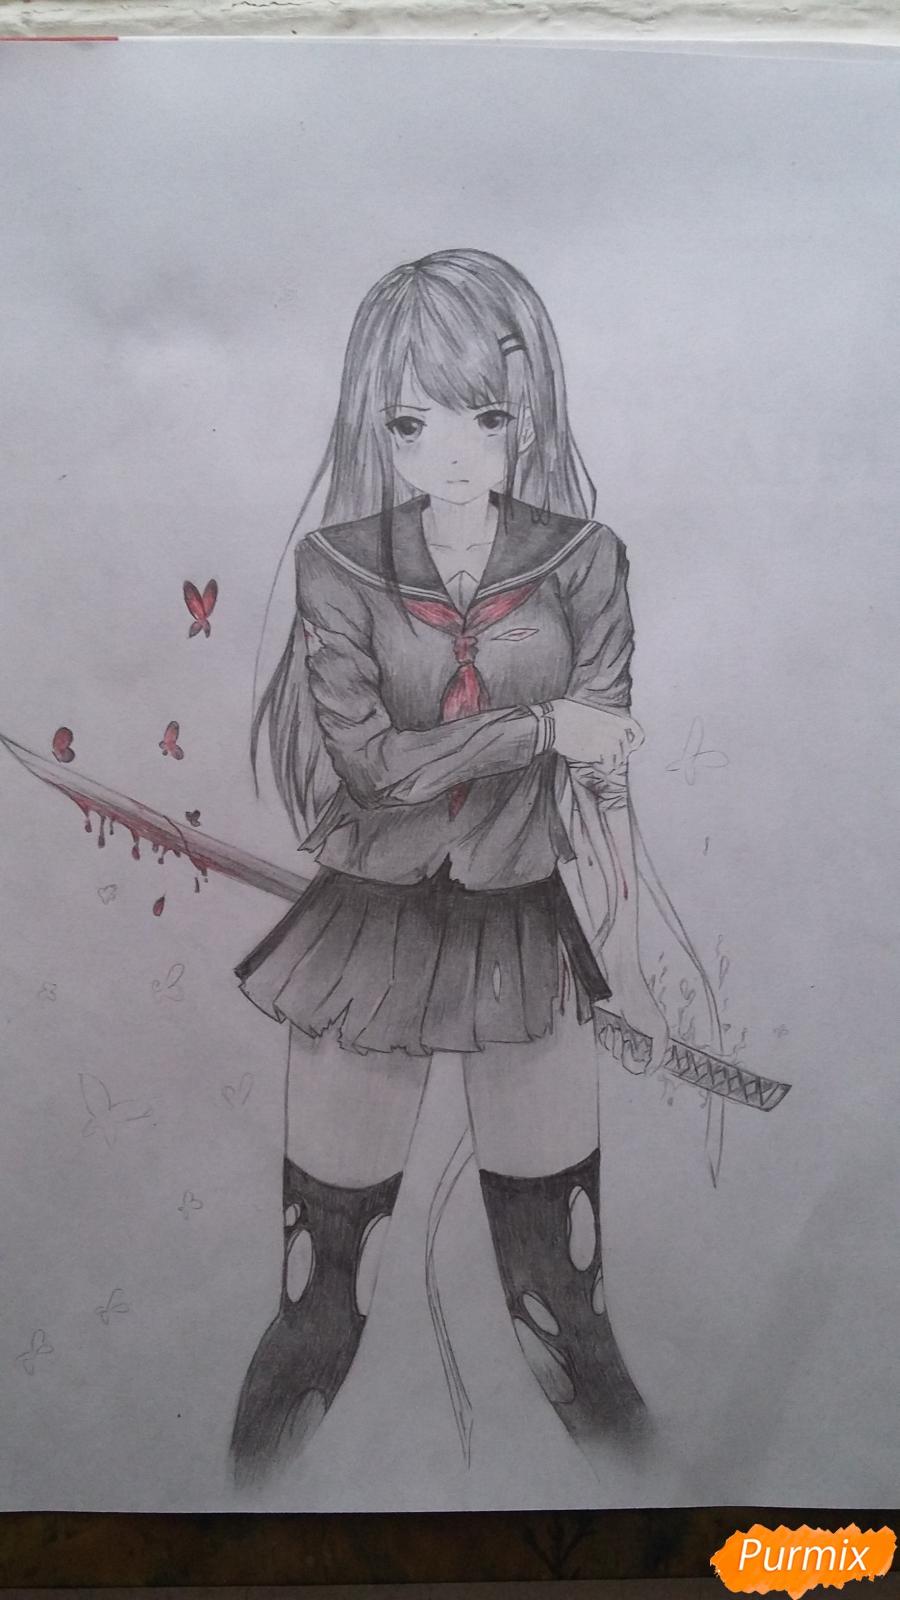 Рисуем девушку с катаной в аниме стиле - шаг 17